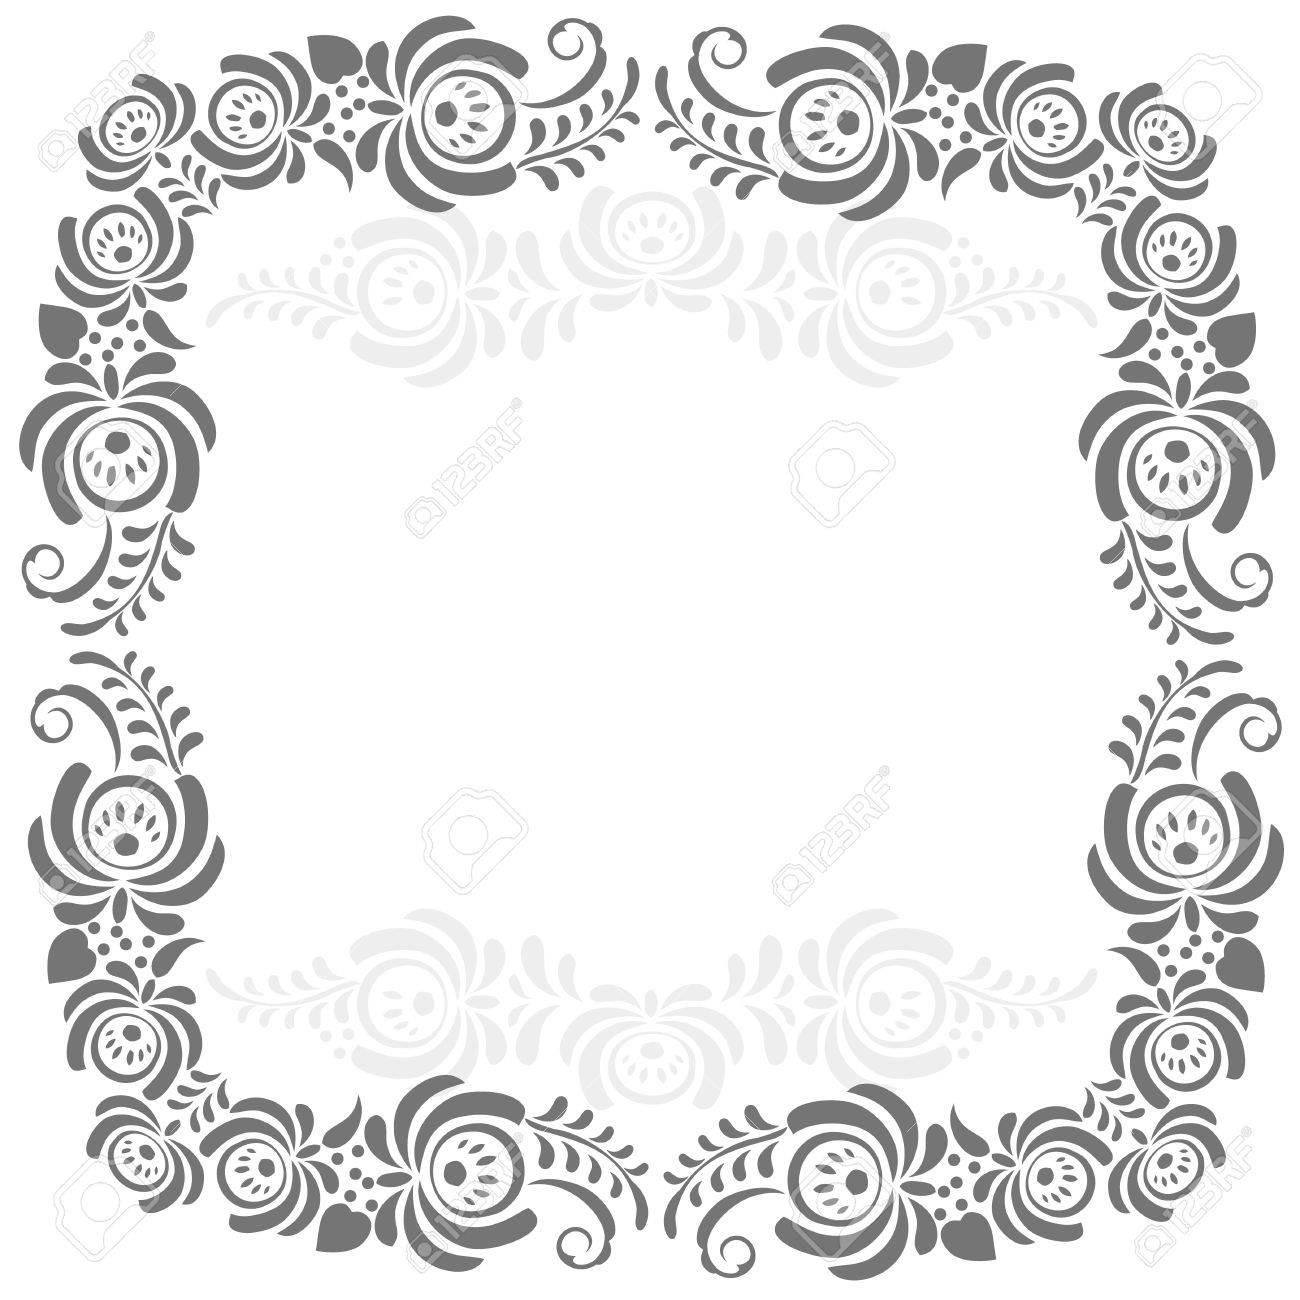 Russische Ornamente Kunst Rahmen In Gzhel Stil Mit Platz Für Ihren ...